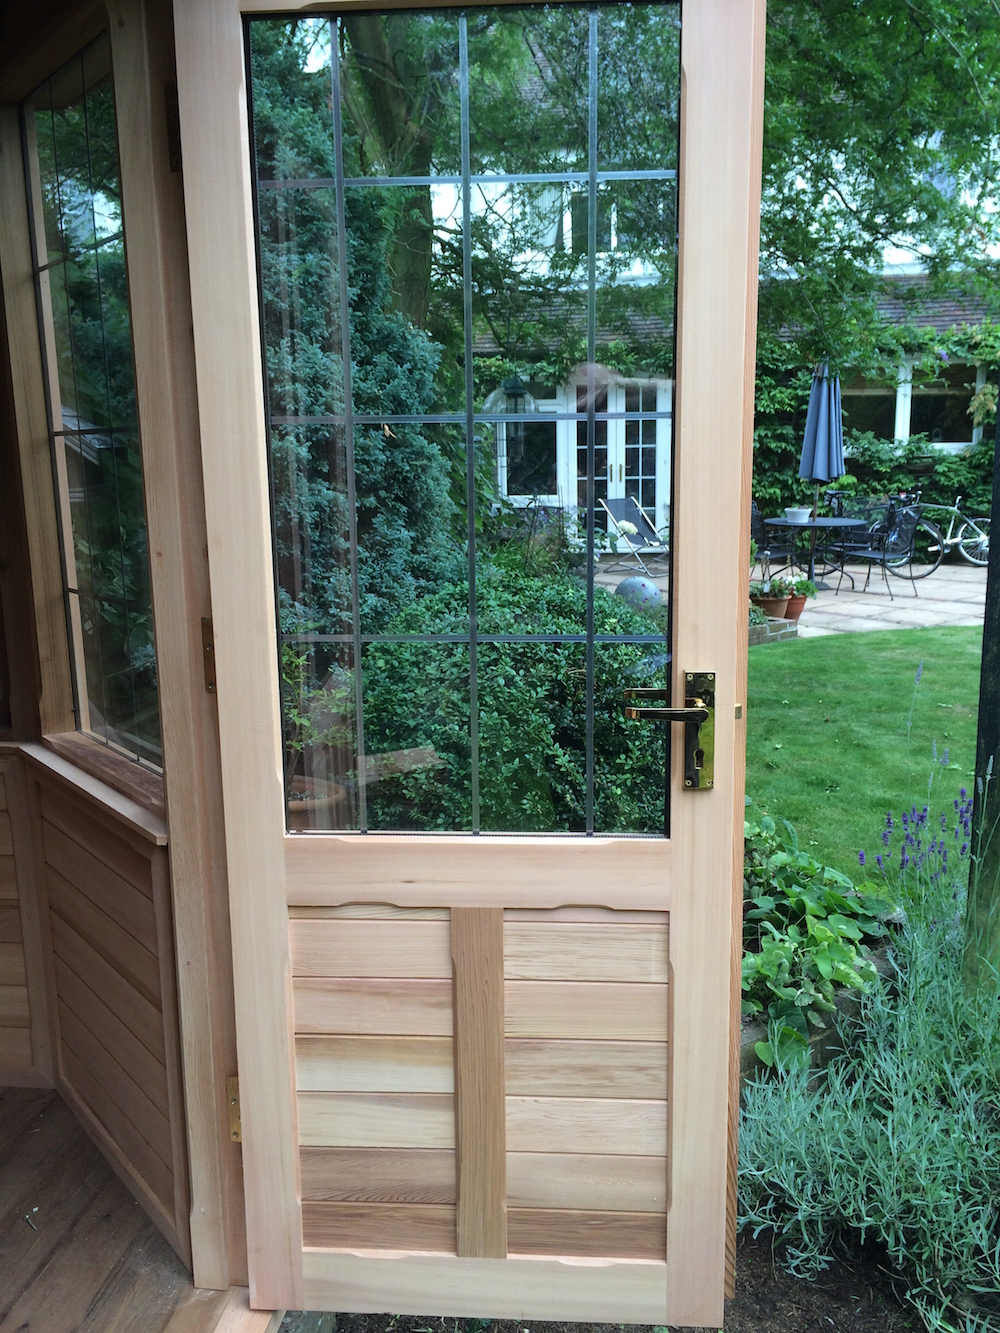 Summerhouse Doors & Summerhouse Doors - Stan Fairbrother Garden Structures